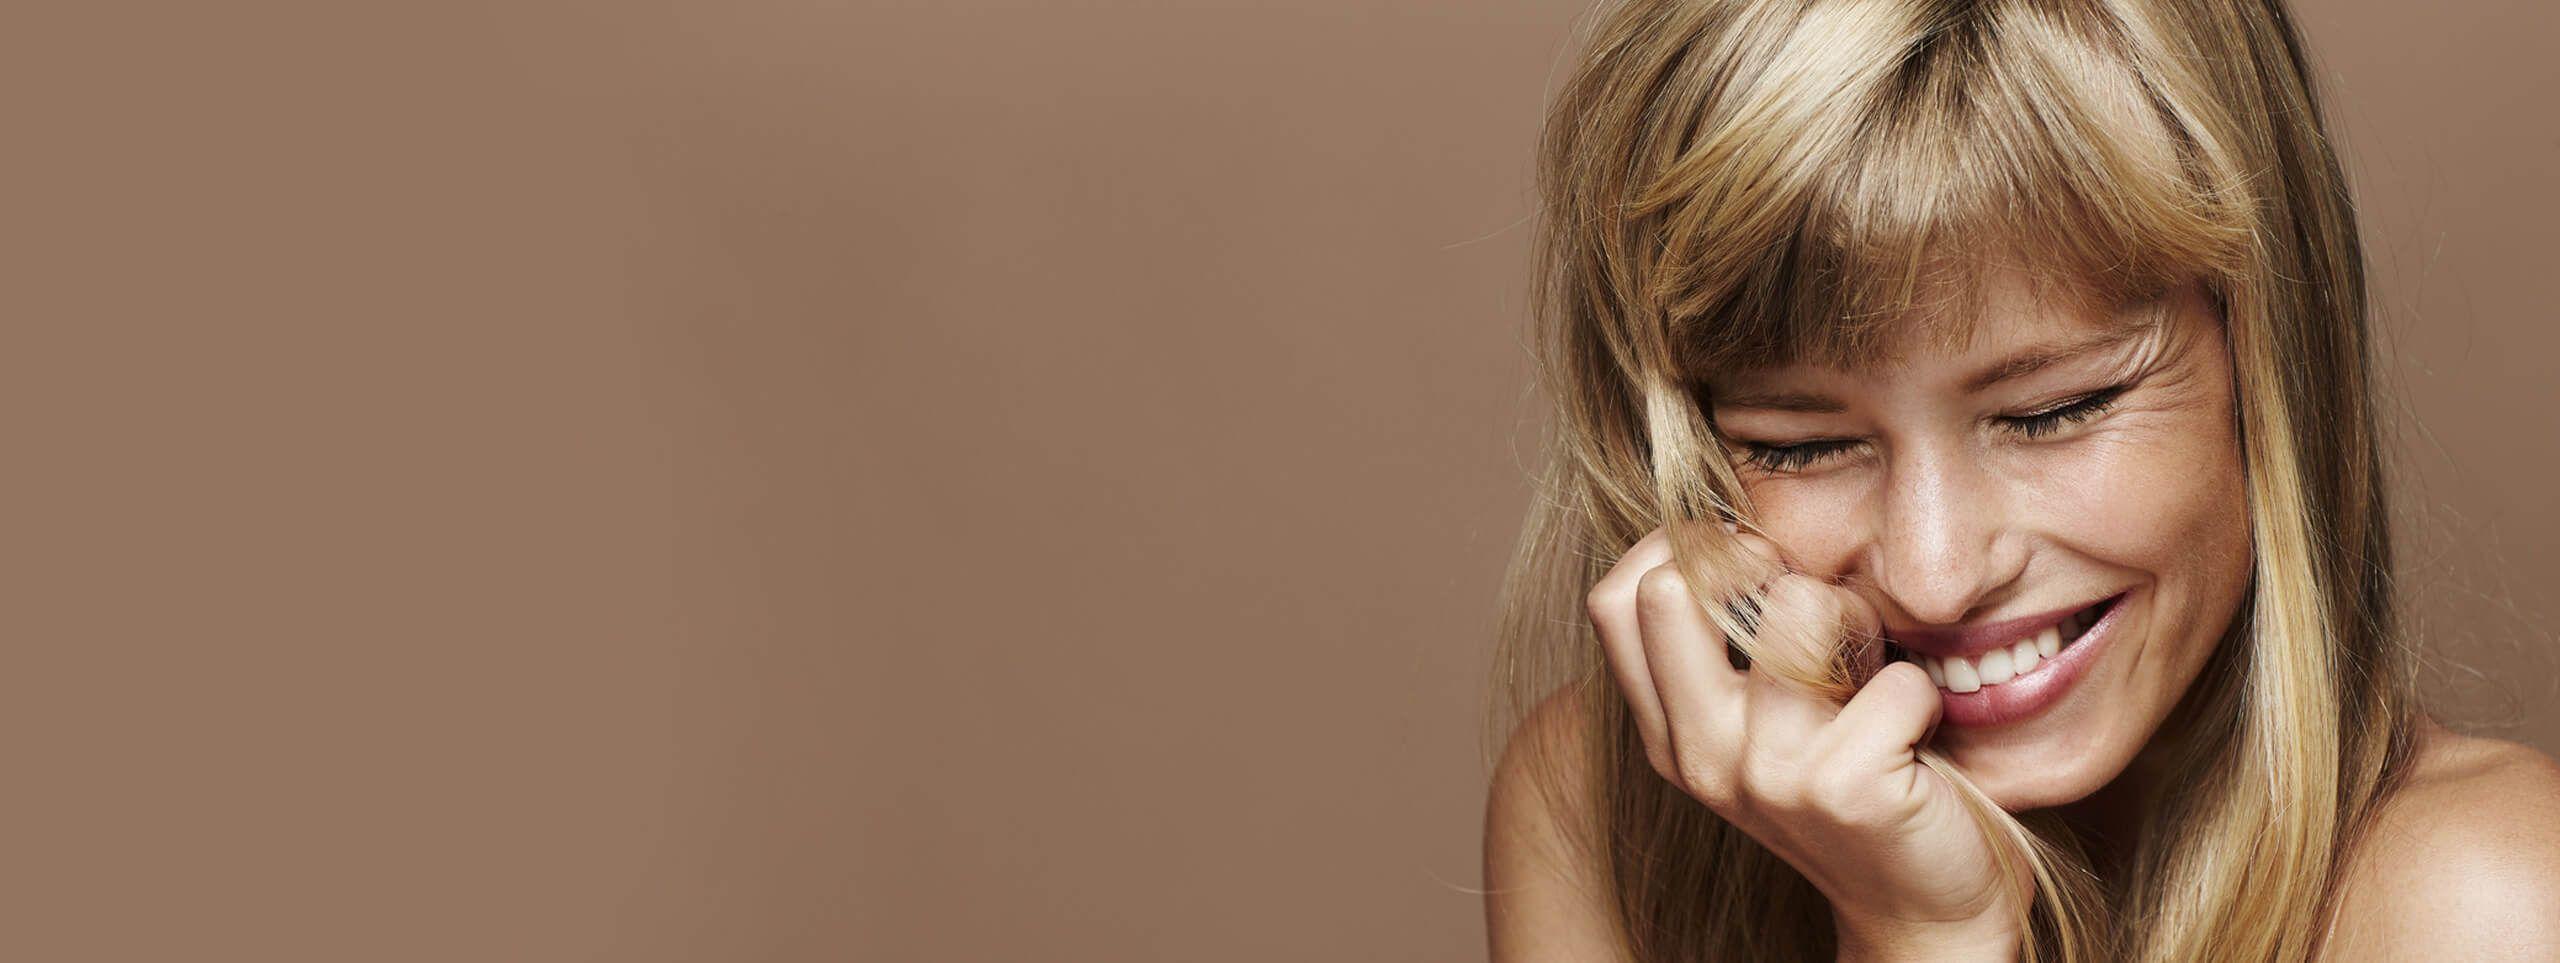 Femme blonde yeux fermés souriante